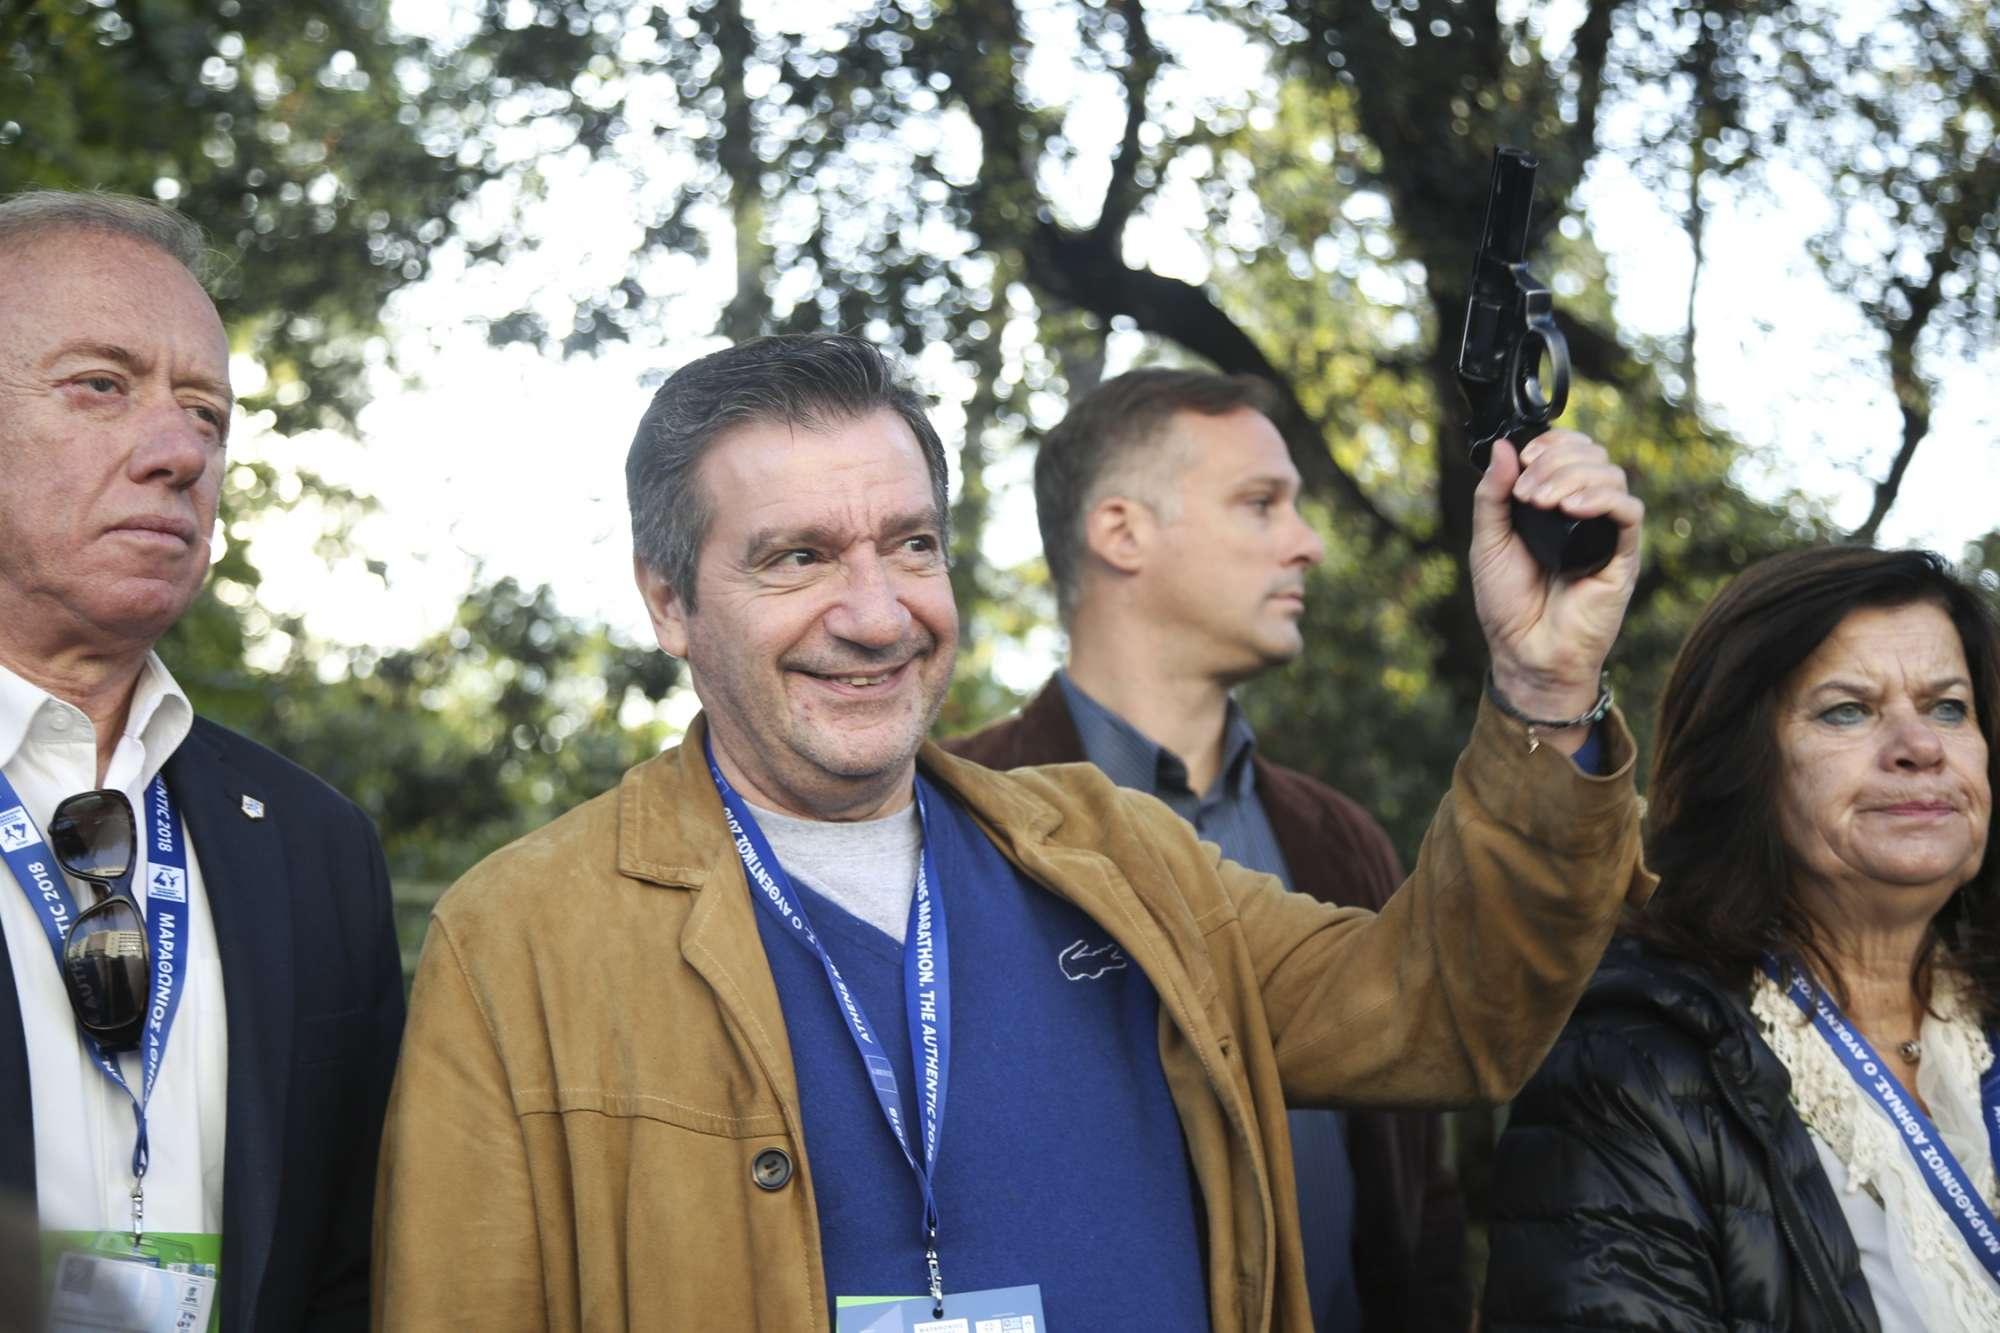 ...που έδωσε ο χαμογελαστός ο δήμαρχος Αθηναίων Γιώργος Καμίνης...